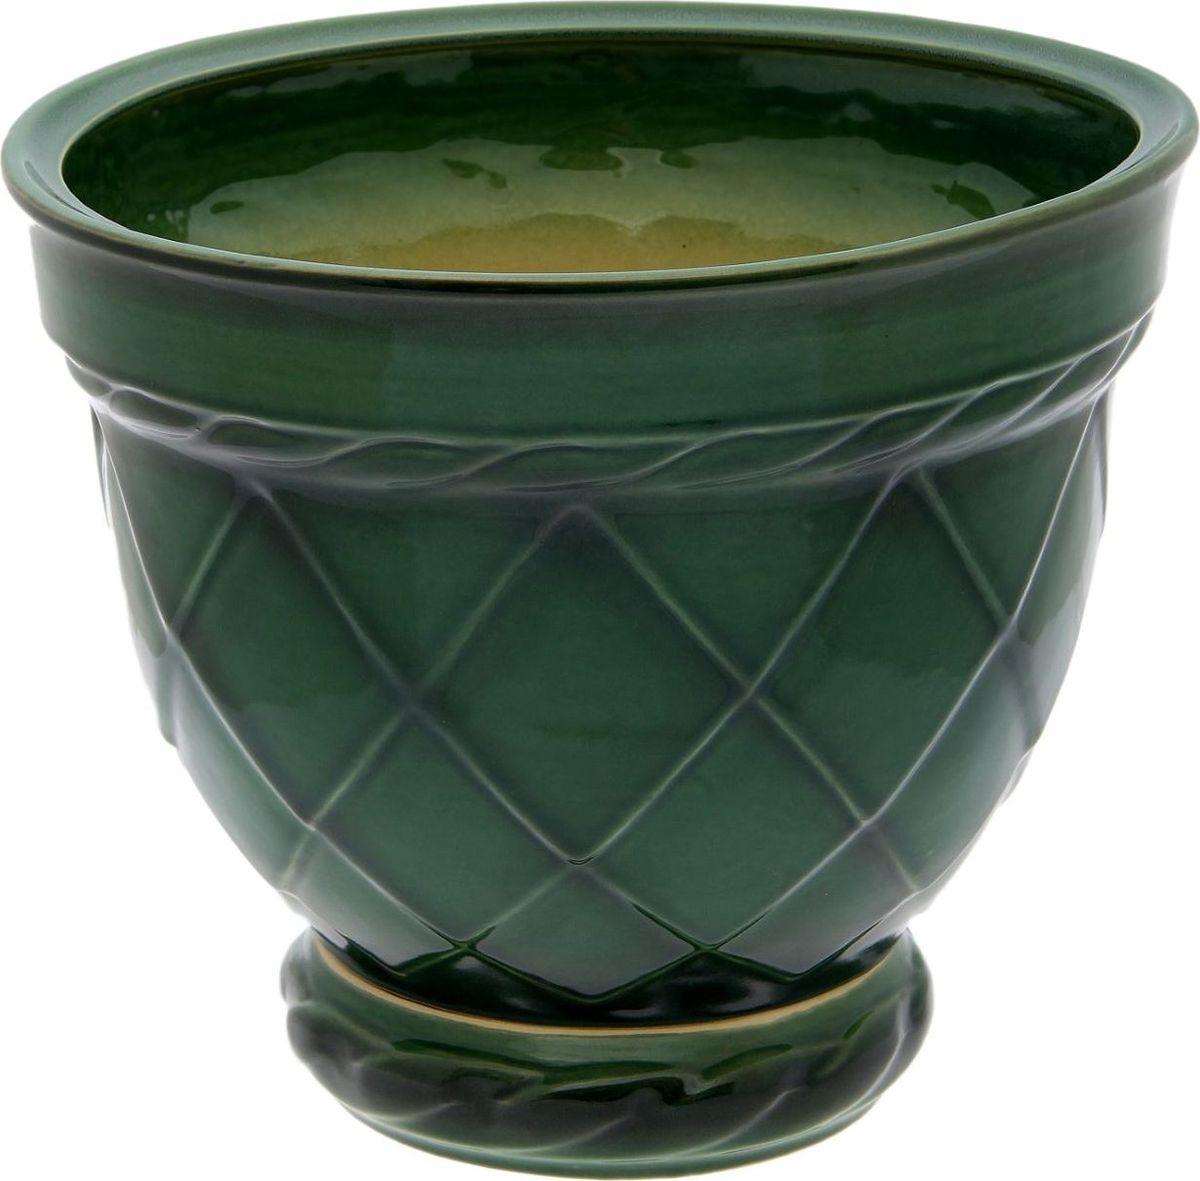 Кашпо Ромб, цвет: зеленый, 14 л839943Комнатные растения — всеобщие любимцы. Они радуют глаз, насыщают помещение кислородом и украшают пространство. Каждому из них необходим свой удобный и красивый дом. Кашпо из керамики прекрасно подходят для высадки растений: за счёт пластичности глины и разных способов обработки существует великое множество форм и дизайновпористый материал позволяет испаряться лишней влагевоздух, необходимый для дыхания корней, проникает сквозь керамические стенки! #name# позаботится о зелёном питомце, освежит интерьер и подчеркнёт его стиль.